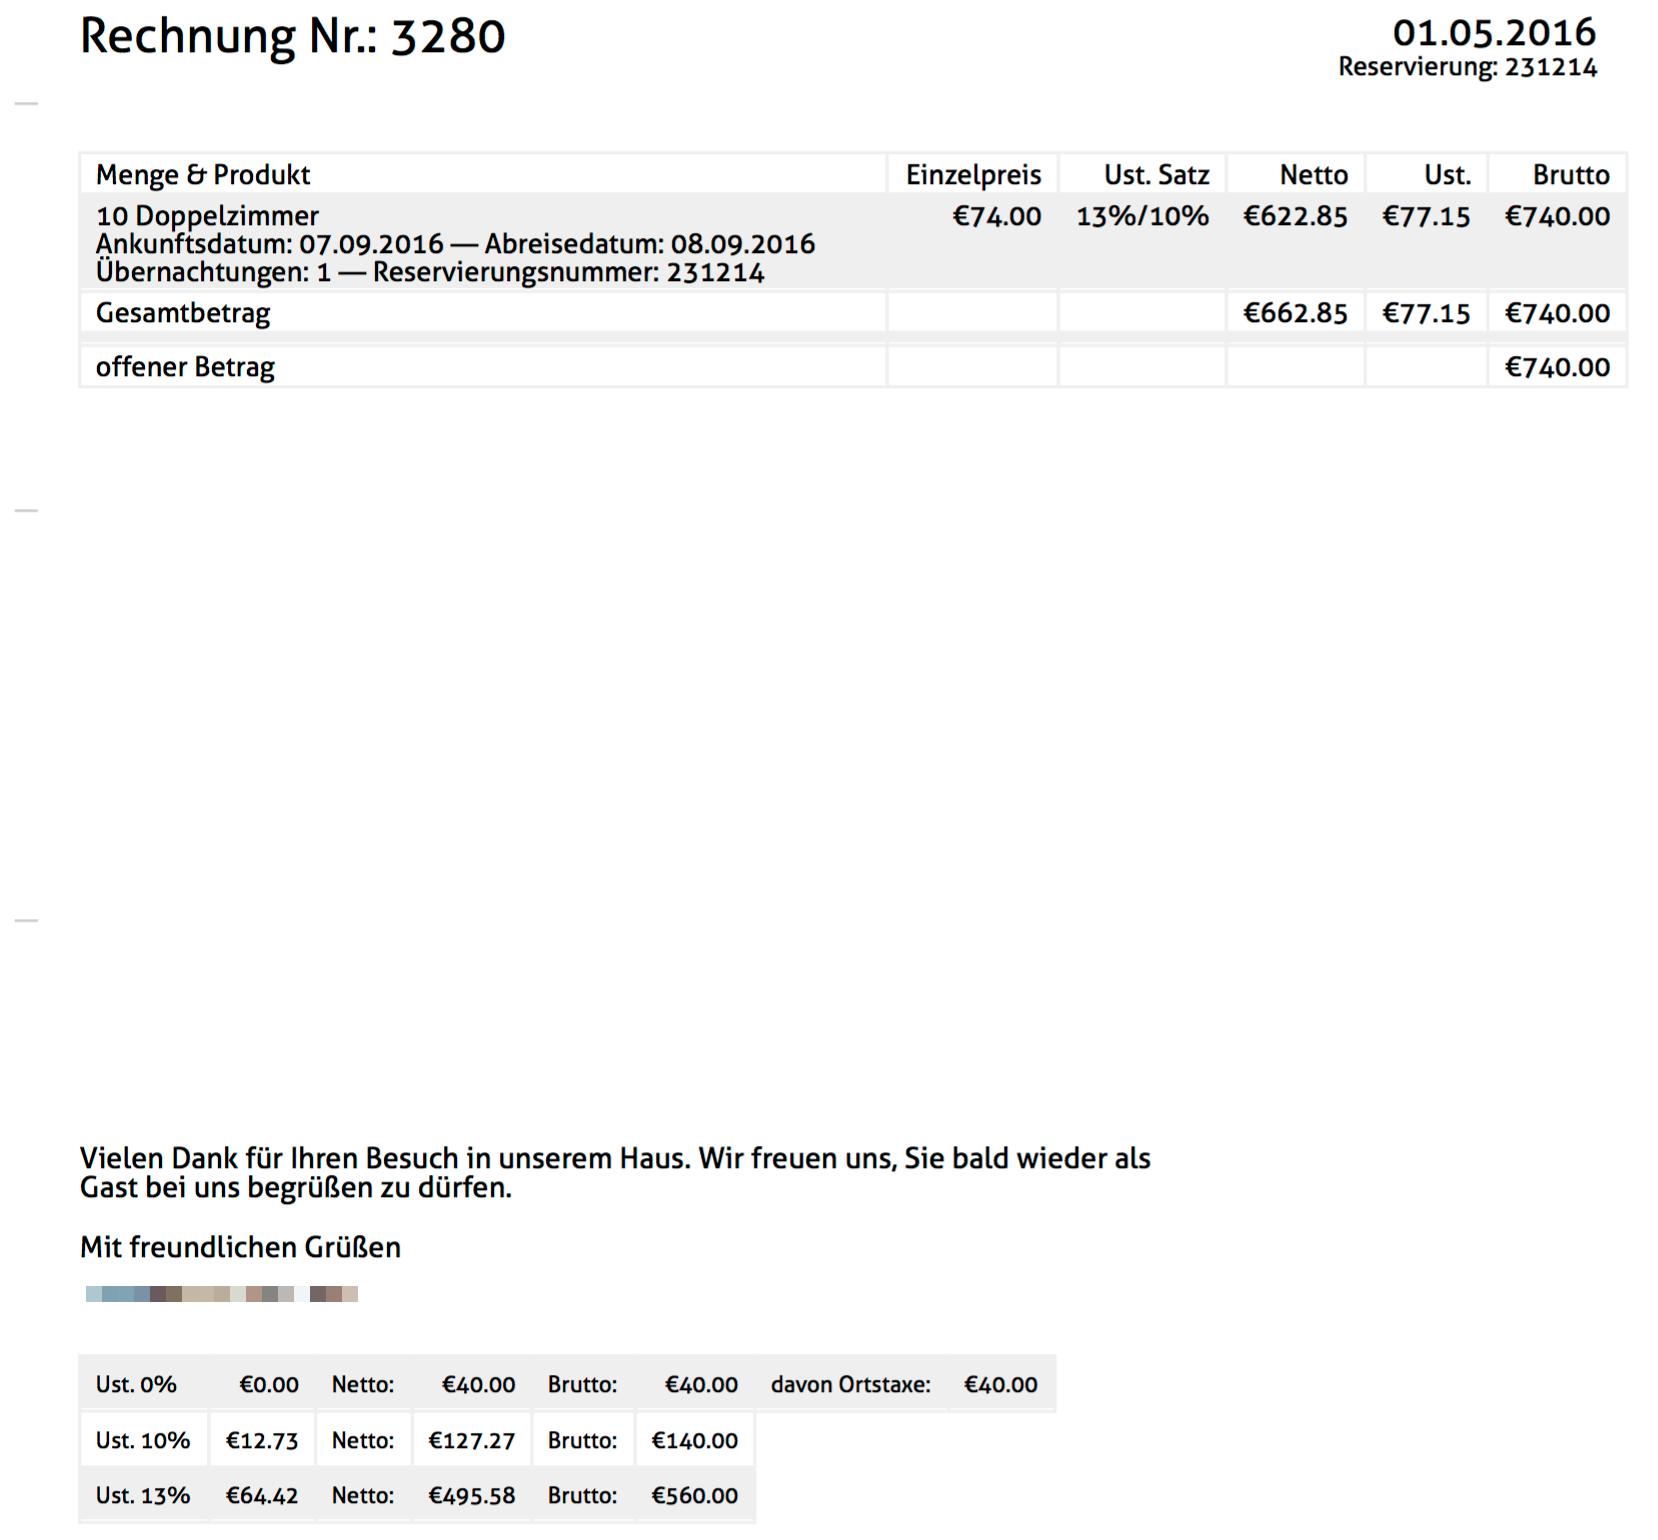 Pauschale verrechnet: Die unterschiedlichen Steuersätze werden in der Tabelle darunter ausgewiesen